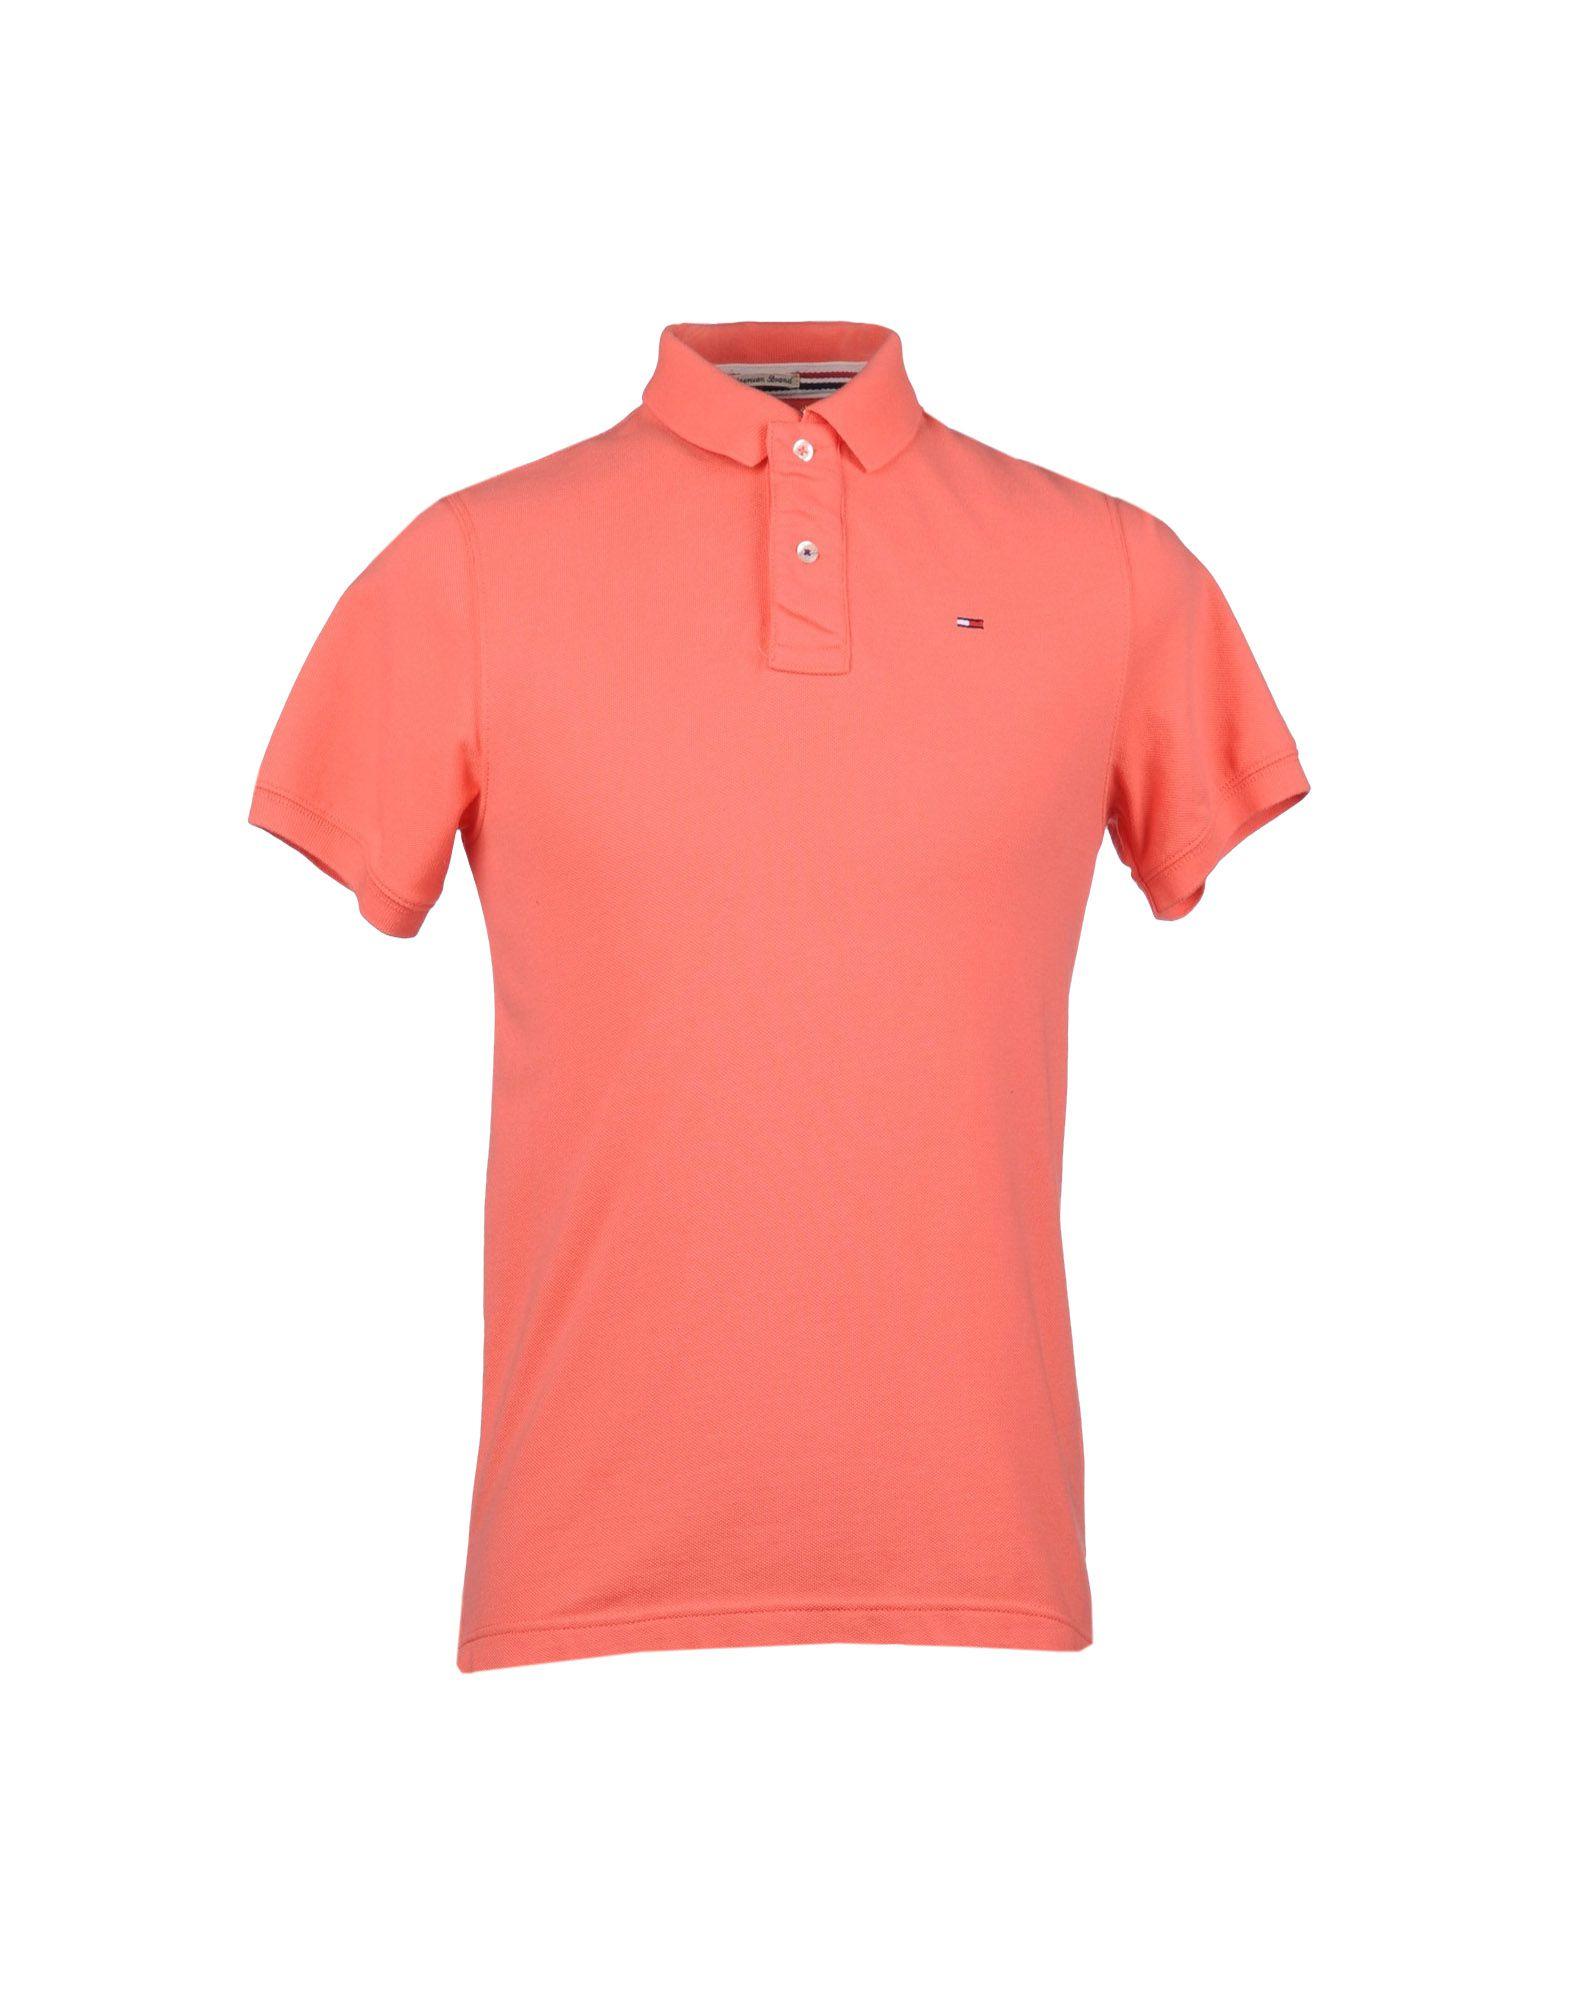 tommy hilfiger denim polo shirt in pink for men salmon. Black Bedroom Furniture Sets. Home Design Ideas